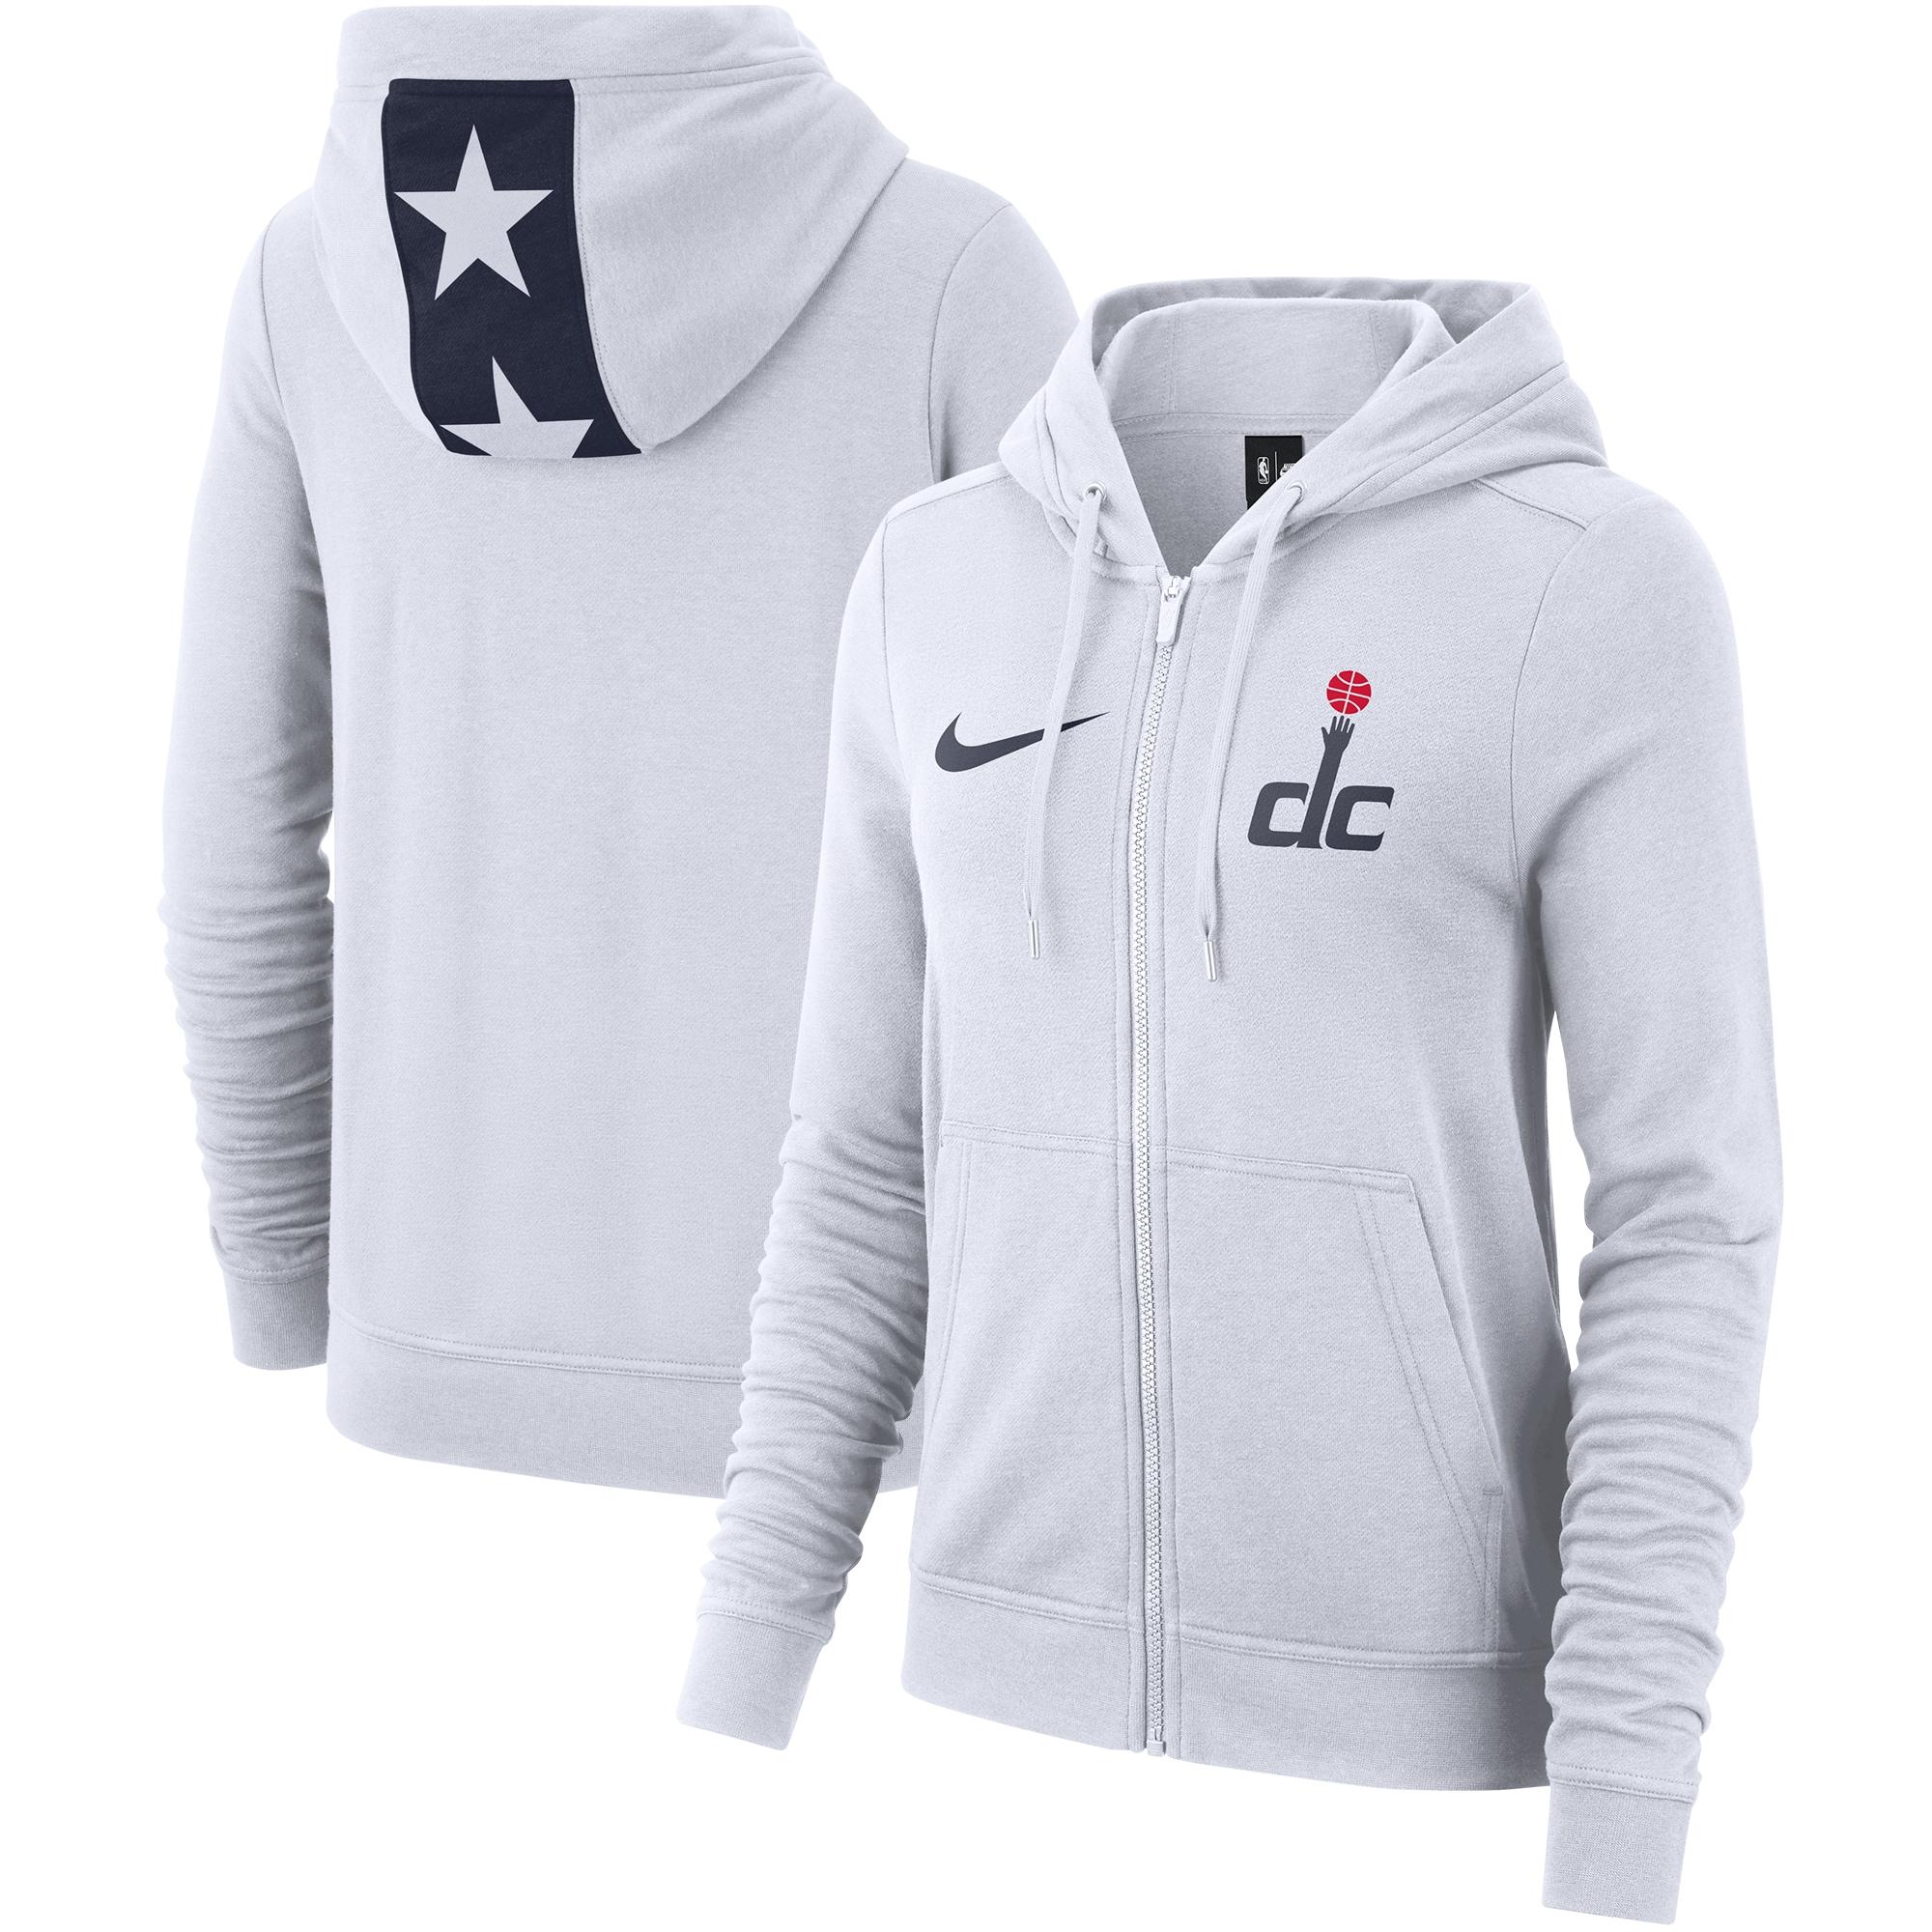 Washington Wizards Nike Women's 2019/20 City Edition Full-Zip Hoodie - White